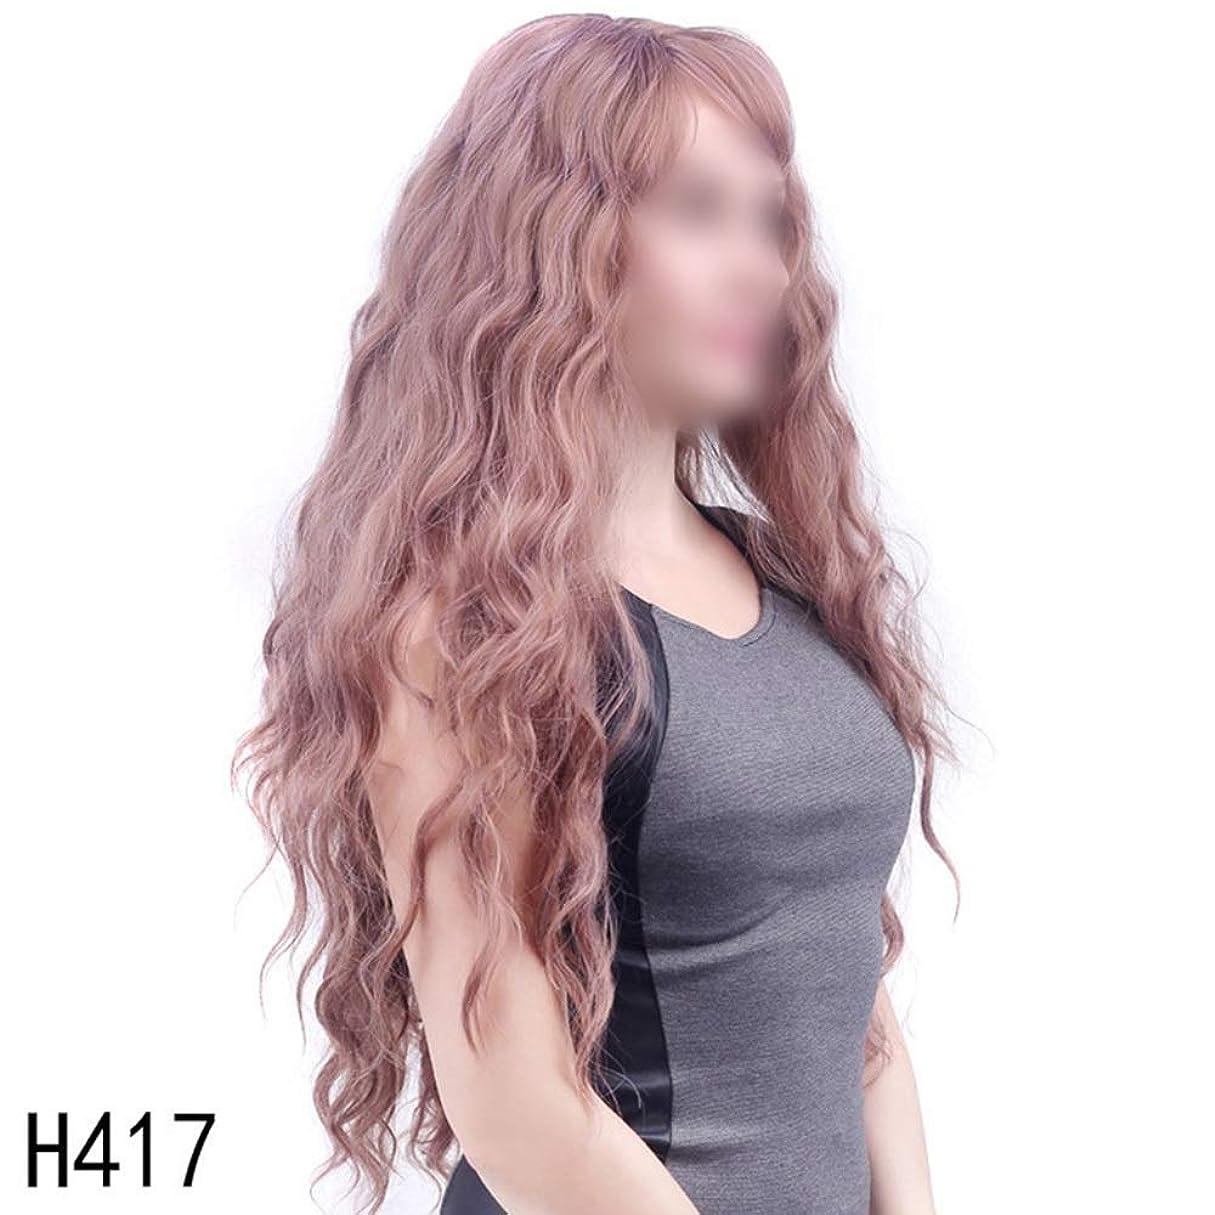 月面絶対に犯人YESONEEP 女性の水の波紋との長い巻き毛の前髪かつら自然なふわふわの毎日のドレスパーティーかつら (Color : Light brown, サイズ : 70cm)